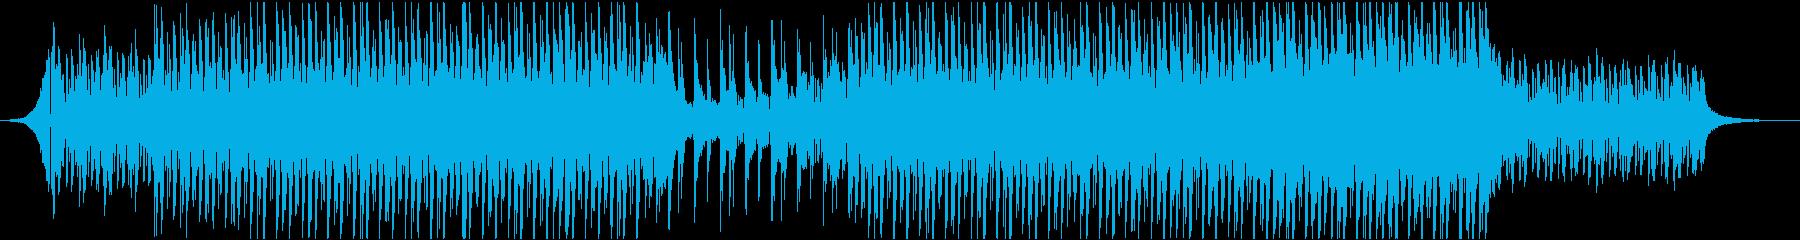 エレキギター ピアノ クール 映像用の再生済みの波形